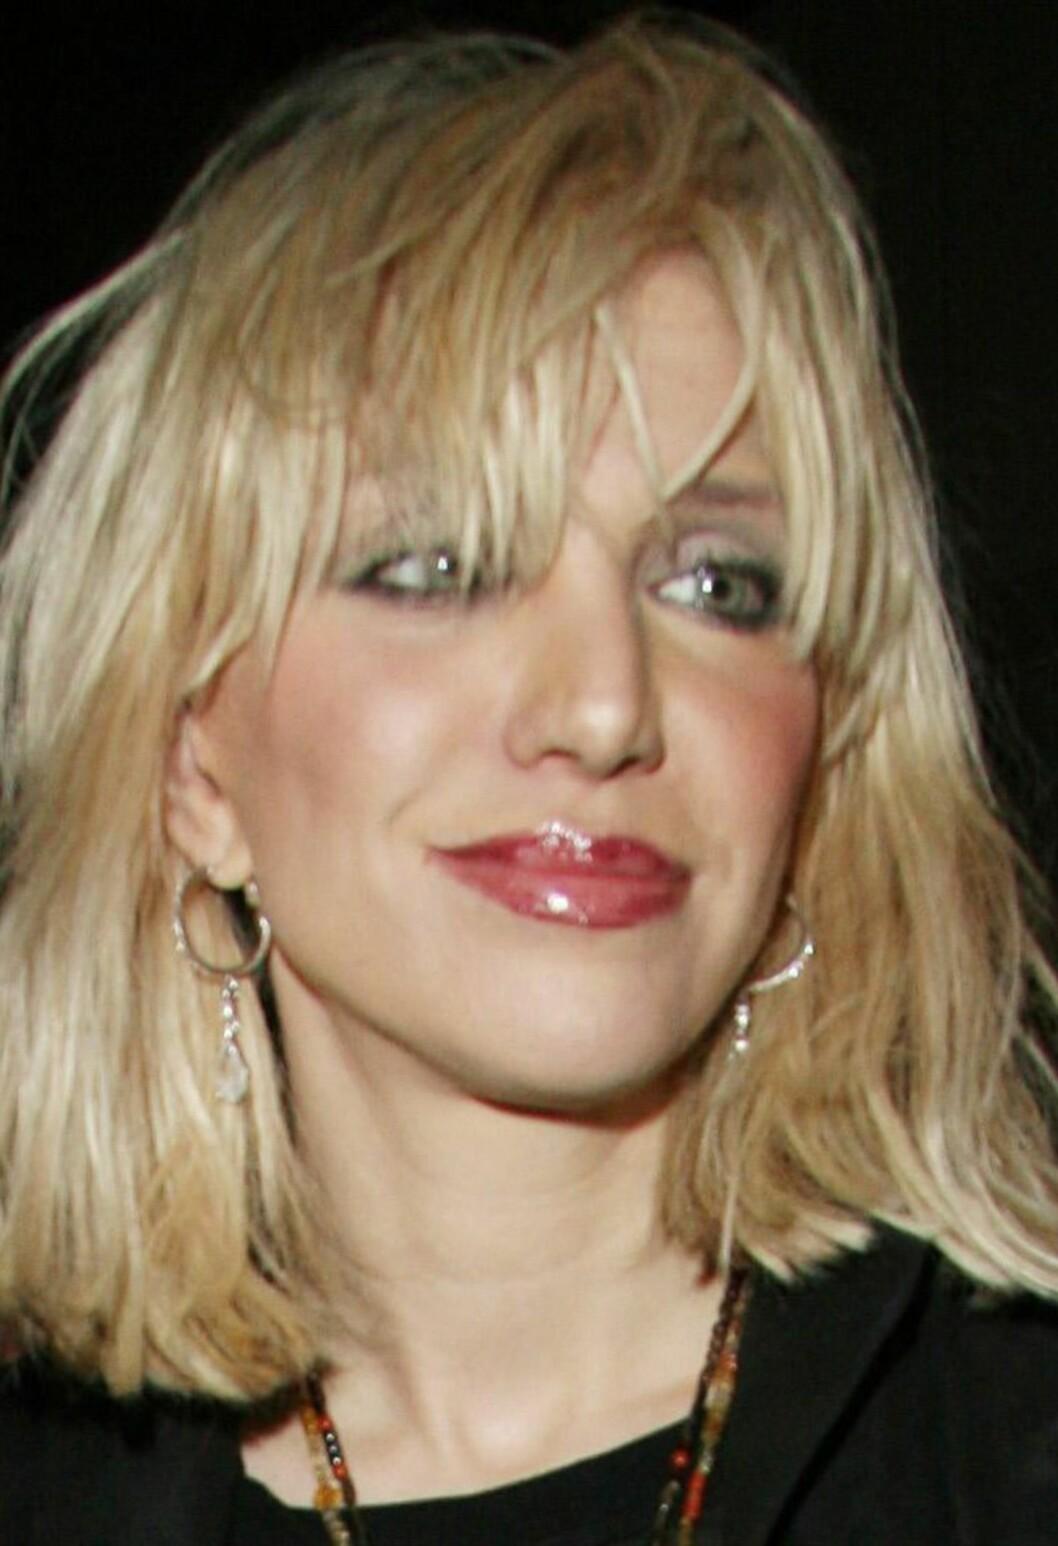 Courtney Love holder som vanlig stilen. Litt for mye av alt, bortsett fra mat den siste tiden.